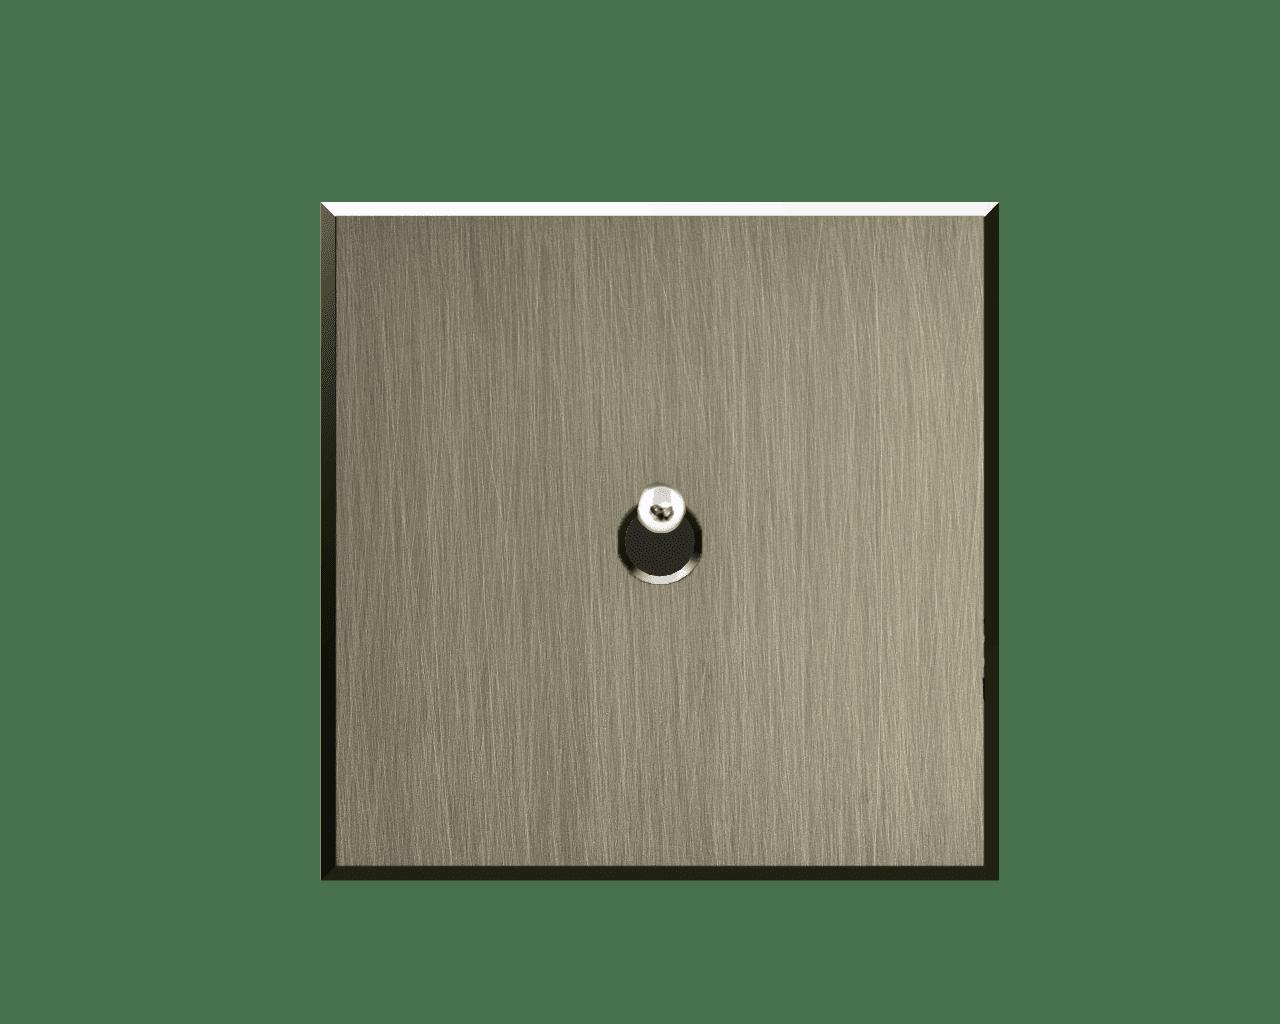 Interrupteur Matière Lumière finition cendre